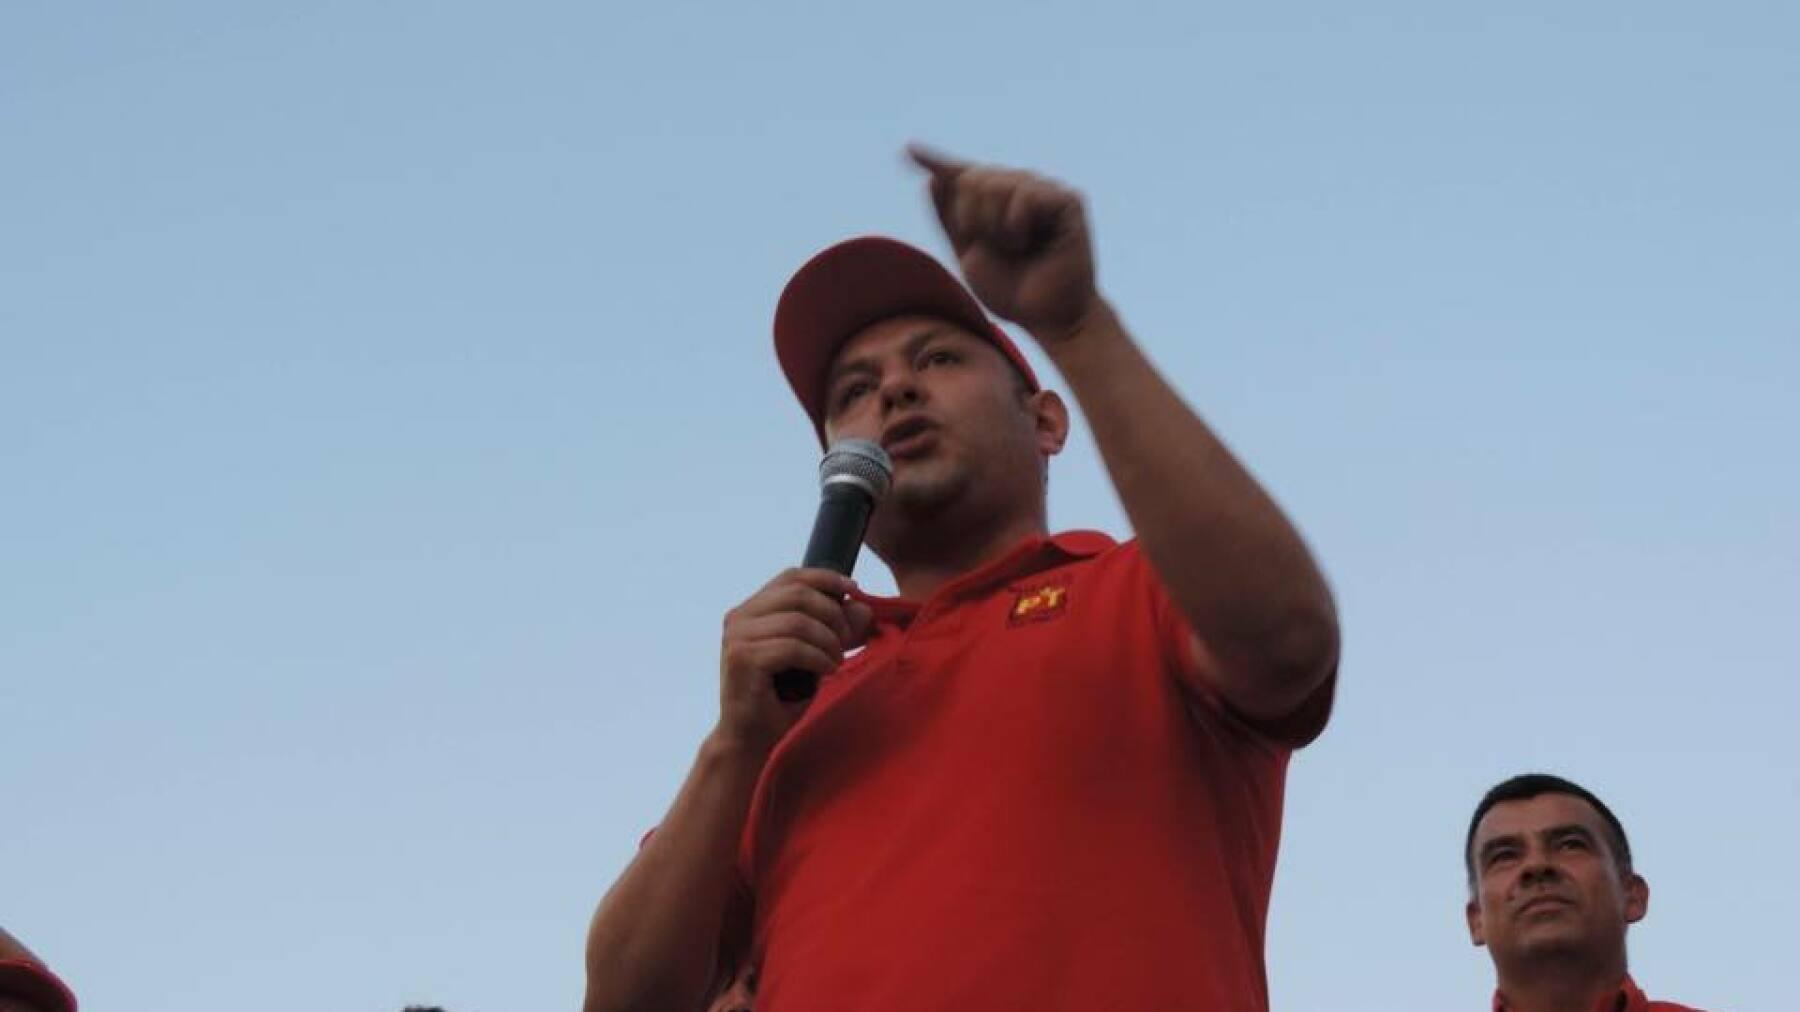 Leobardo Alcántara Martínez